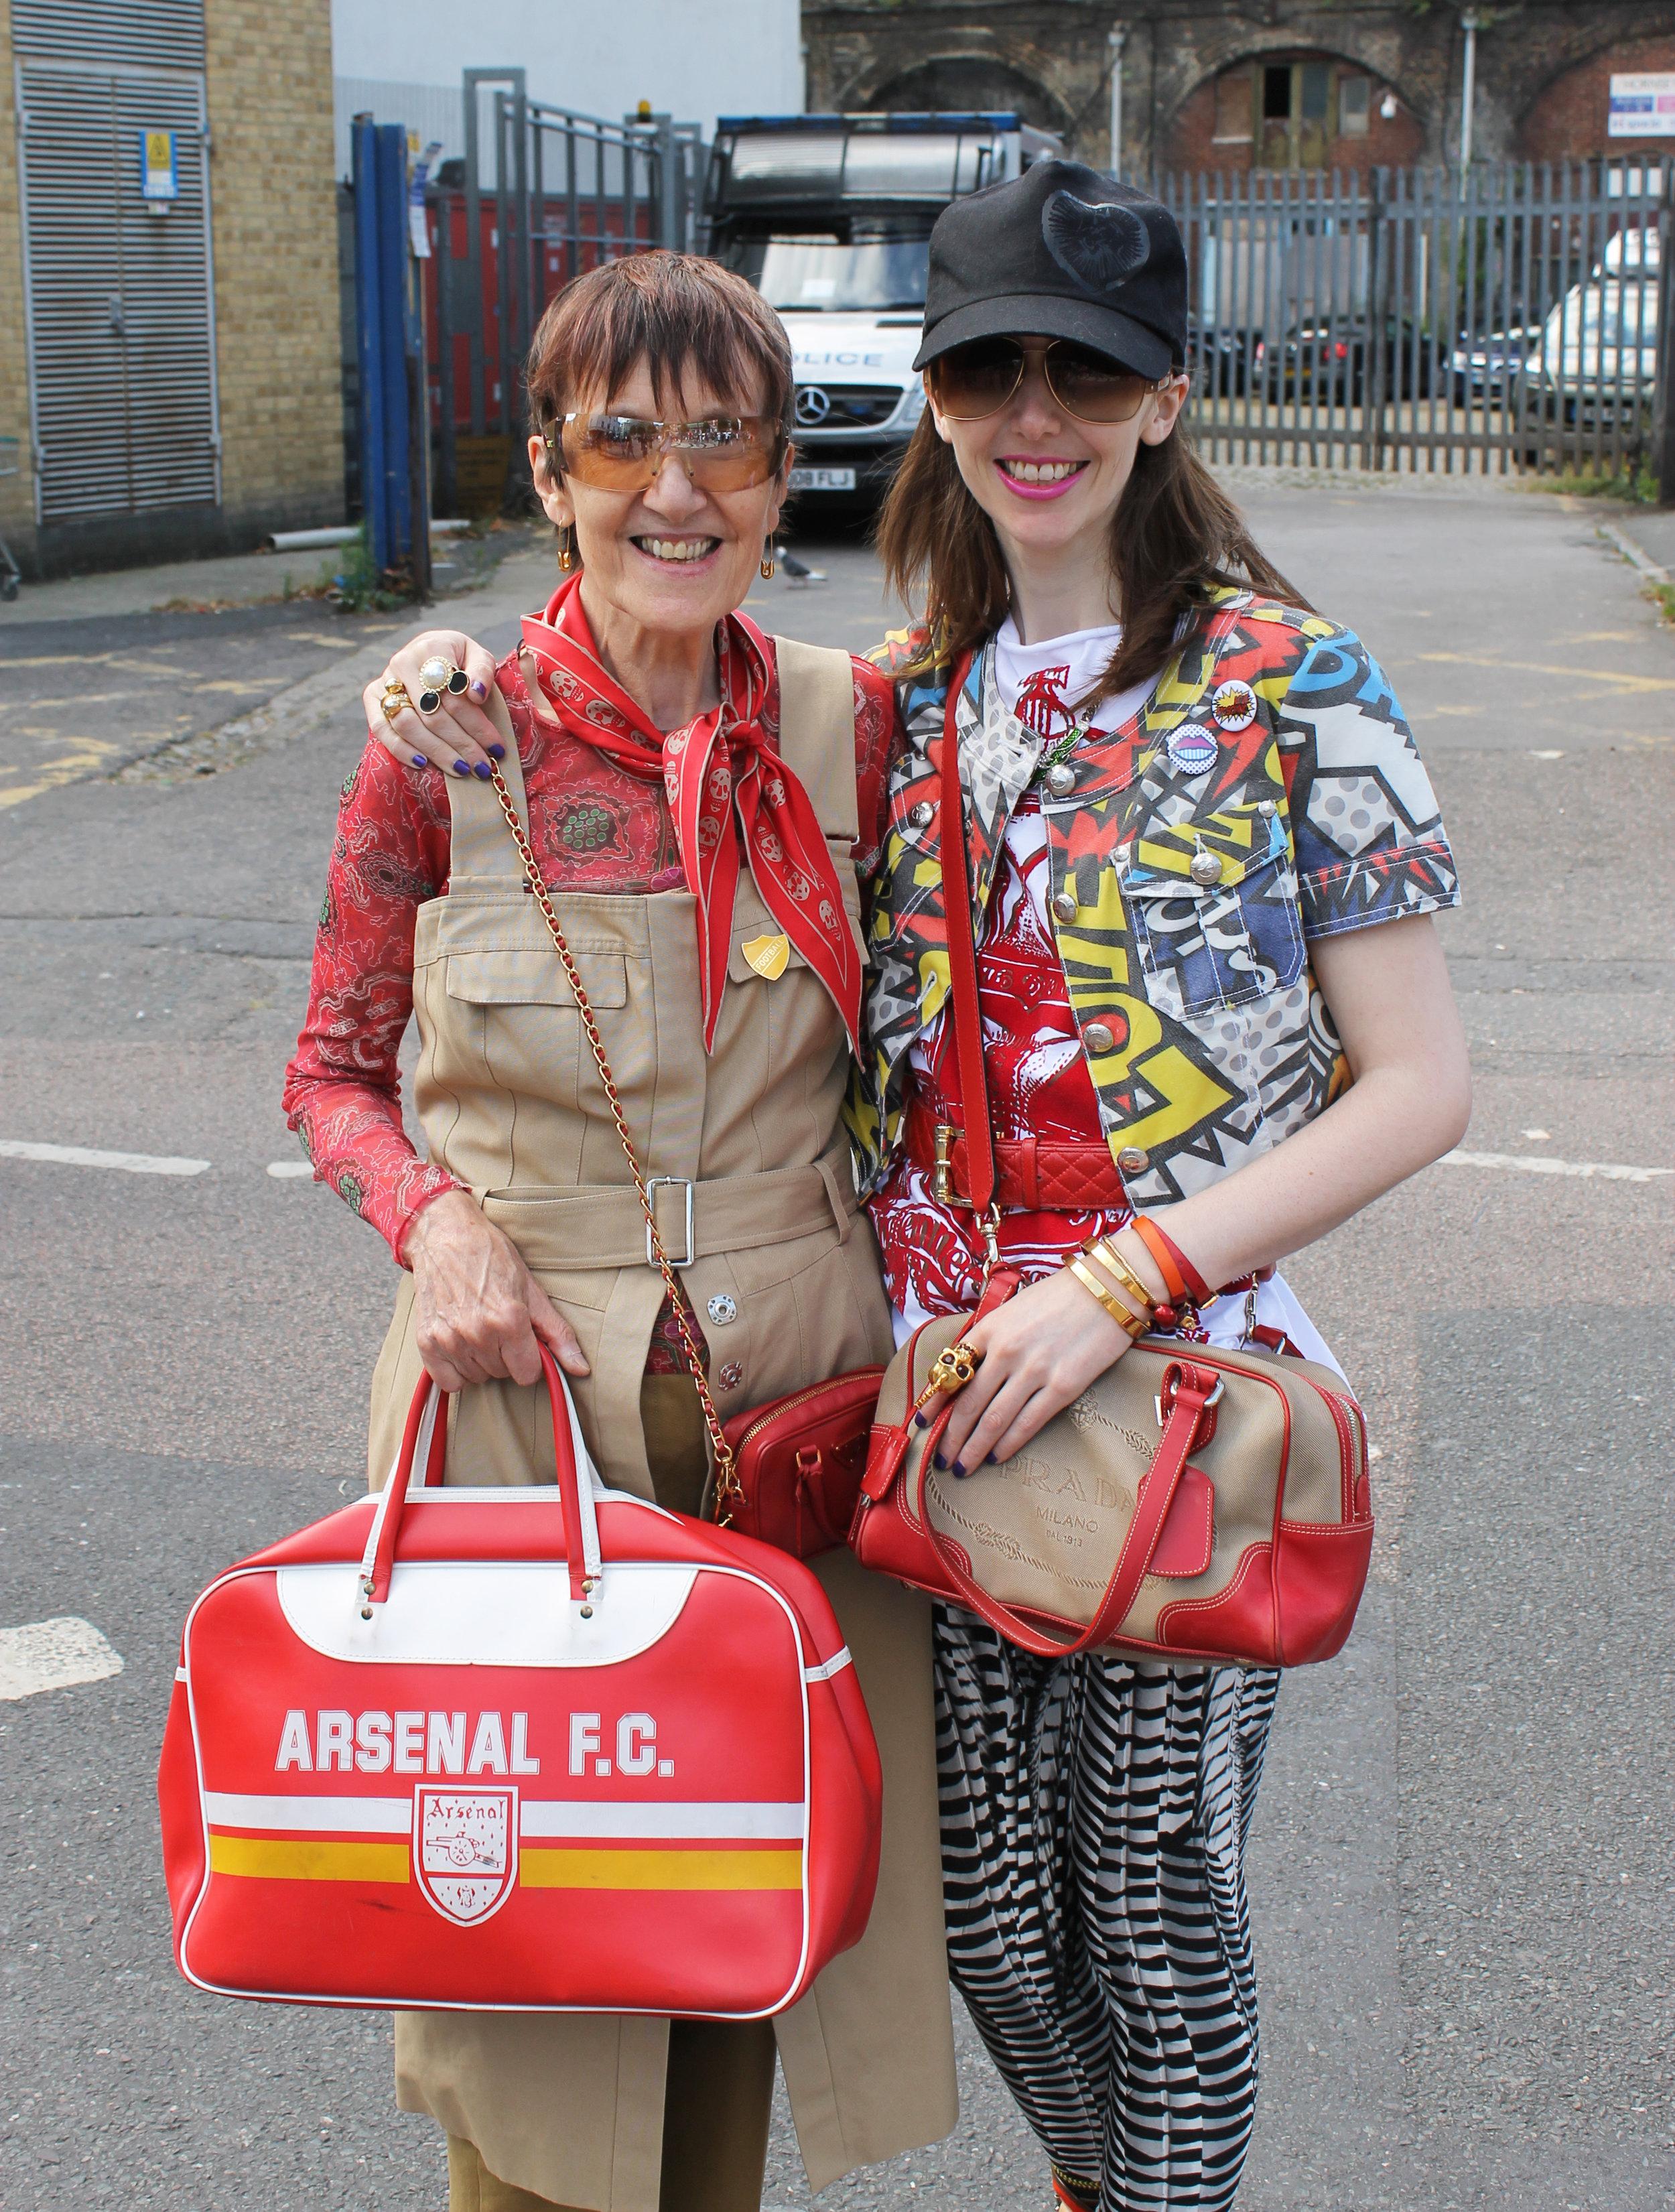 Arsenal Female Football Fan - This Fan Girl